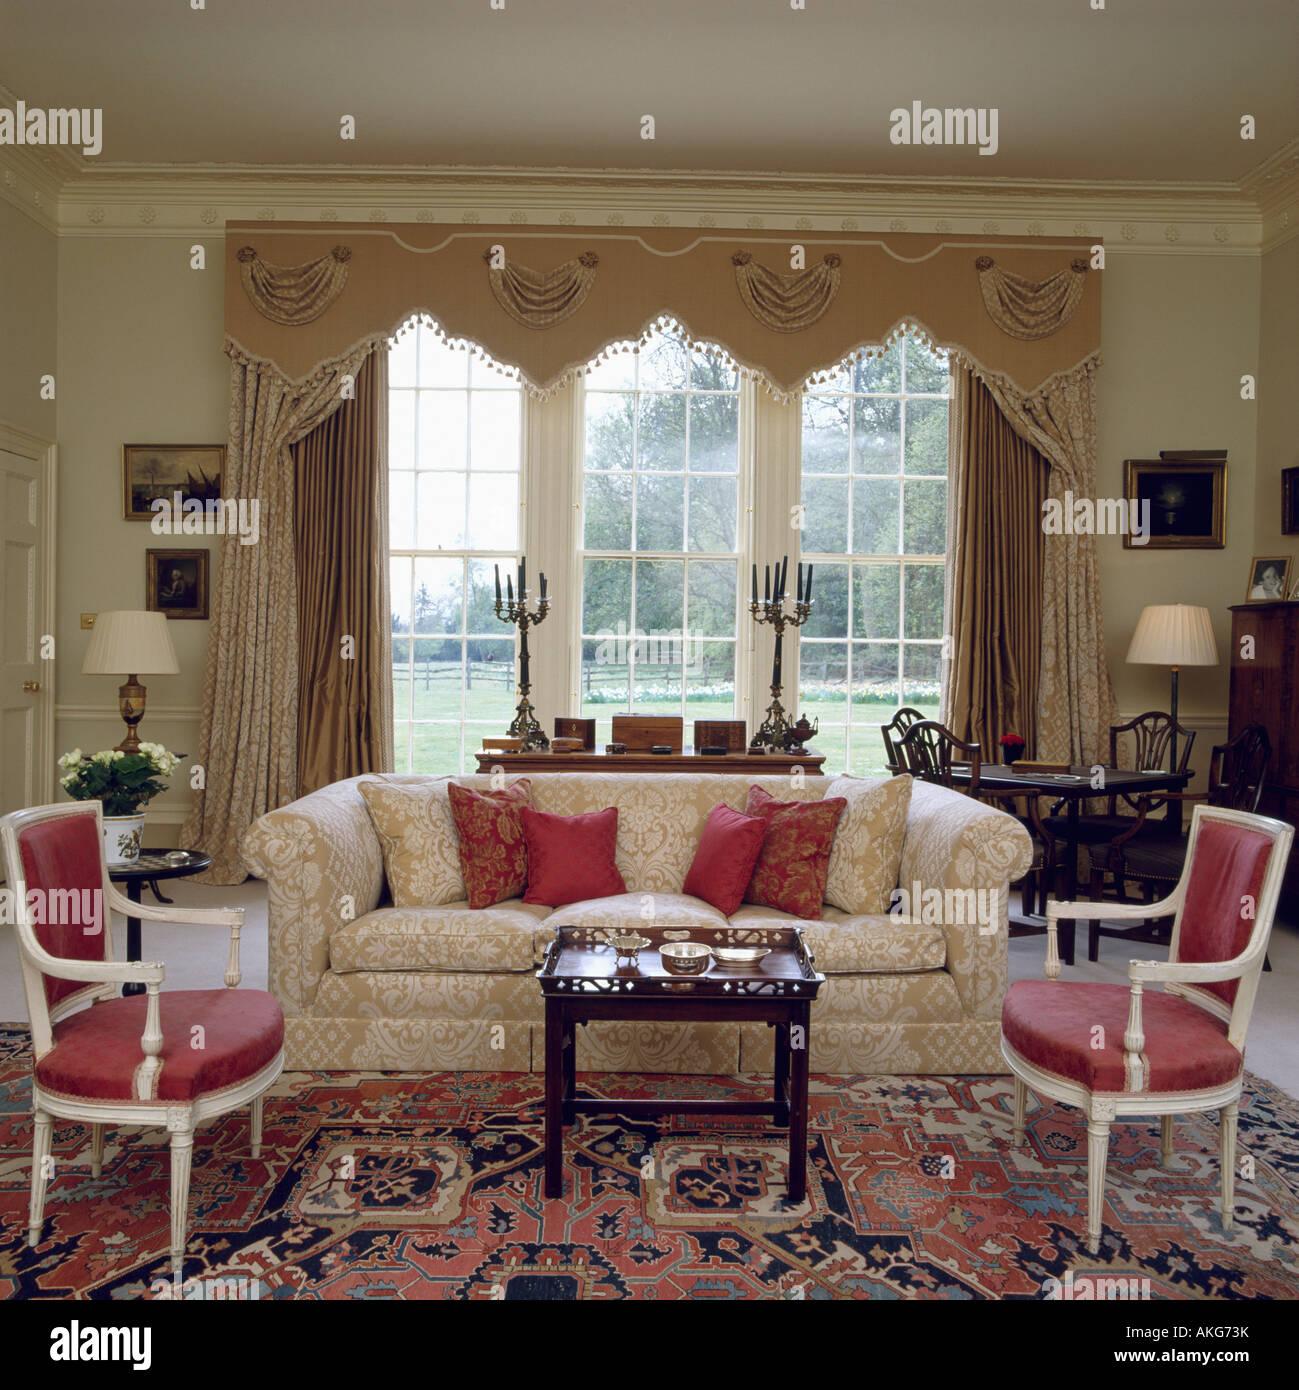 Creme Sofa Vor Fenster Mit Reich Verzierten Profilkranz Und Cremefarbene  Vorhänge Im Traditionellen Landhausstil Wohnzimmer Mit Gemusterten Teppich